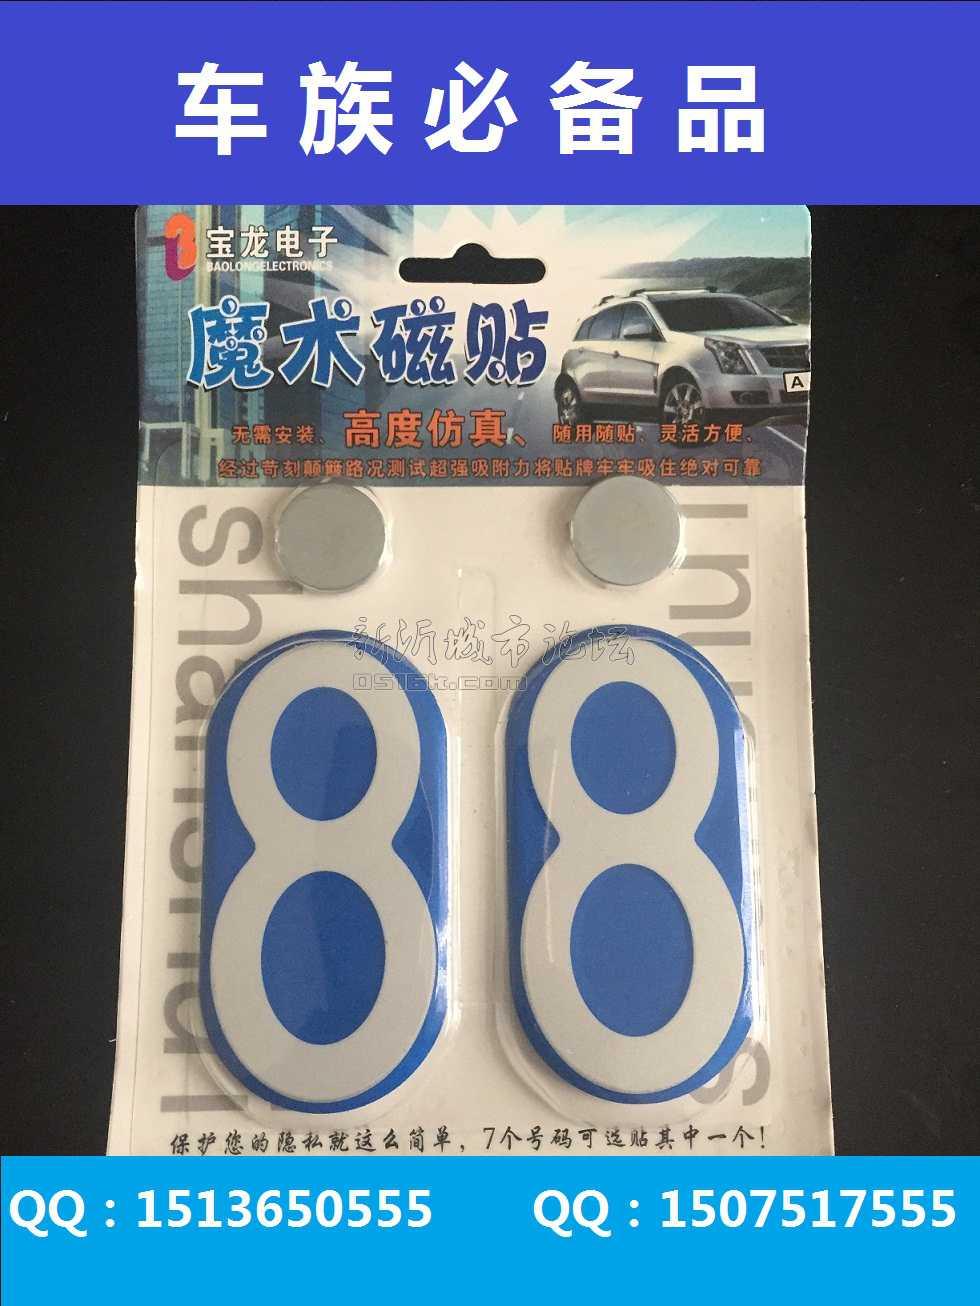 新沂汽车 车牌数字变号贴 数字贴号码贴 变号磁贴磁铁 车牌隐形改号贴 高清图片